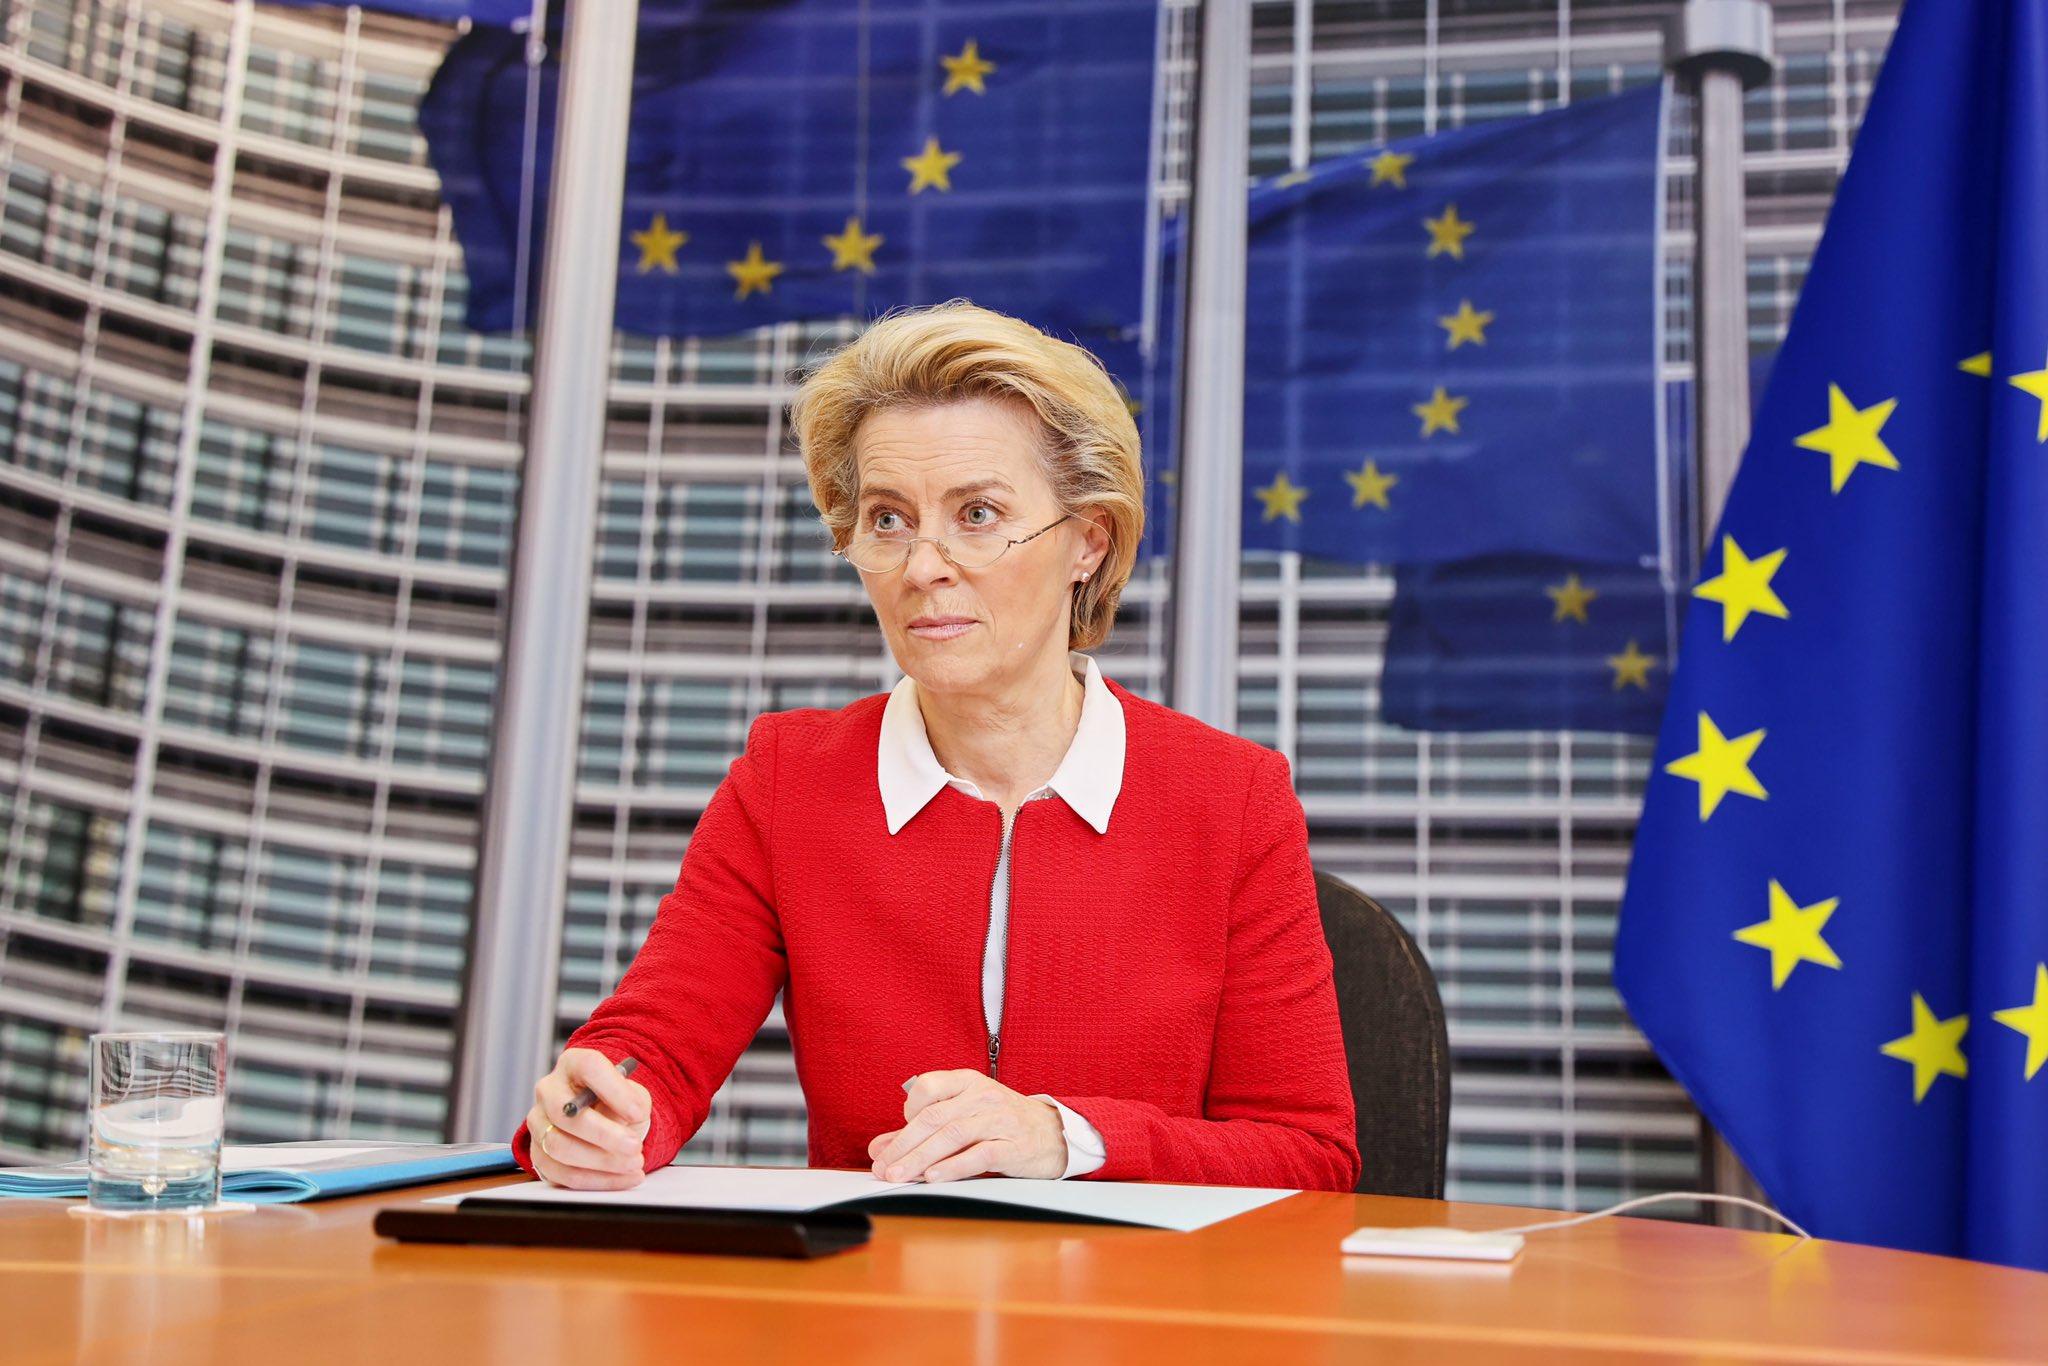 La UE quiere flexibilizar los mecanismos a la hora de aplicar sanciones / Foto: CE